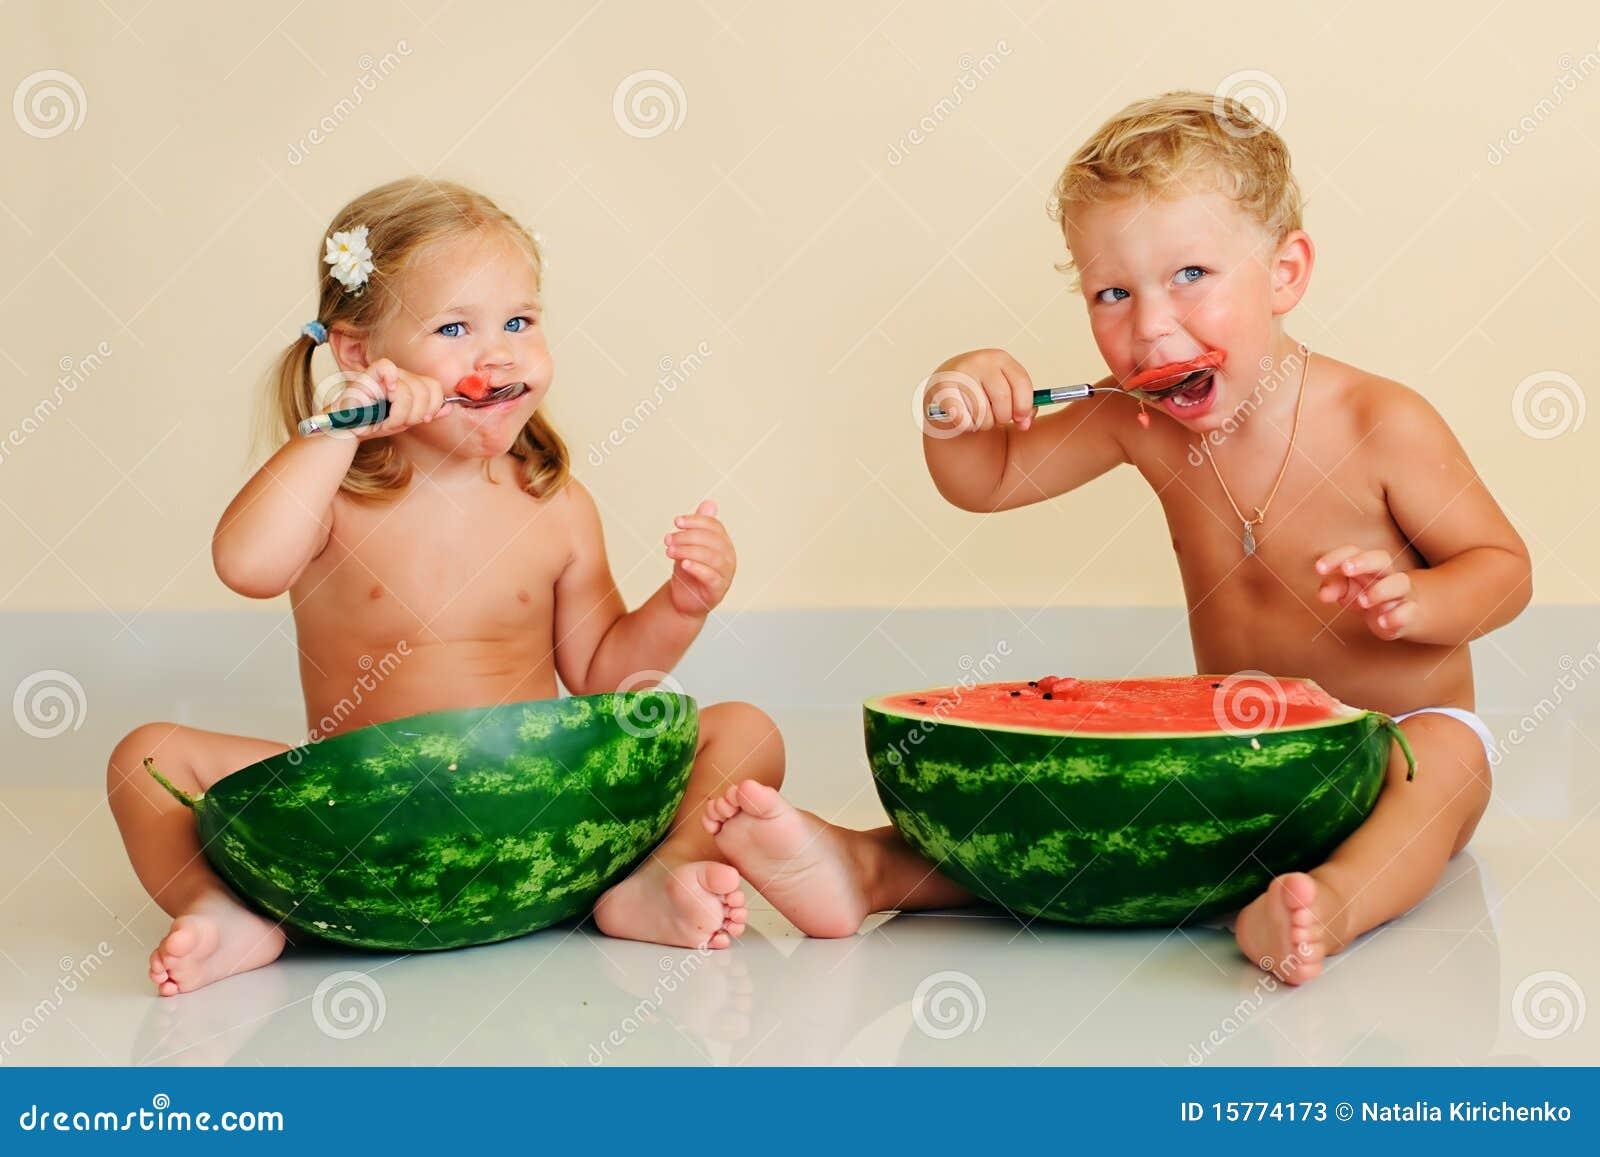 Lustige Kinder, Die Wassermelone Essen Stockfoto - Bild von zicklein ...